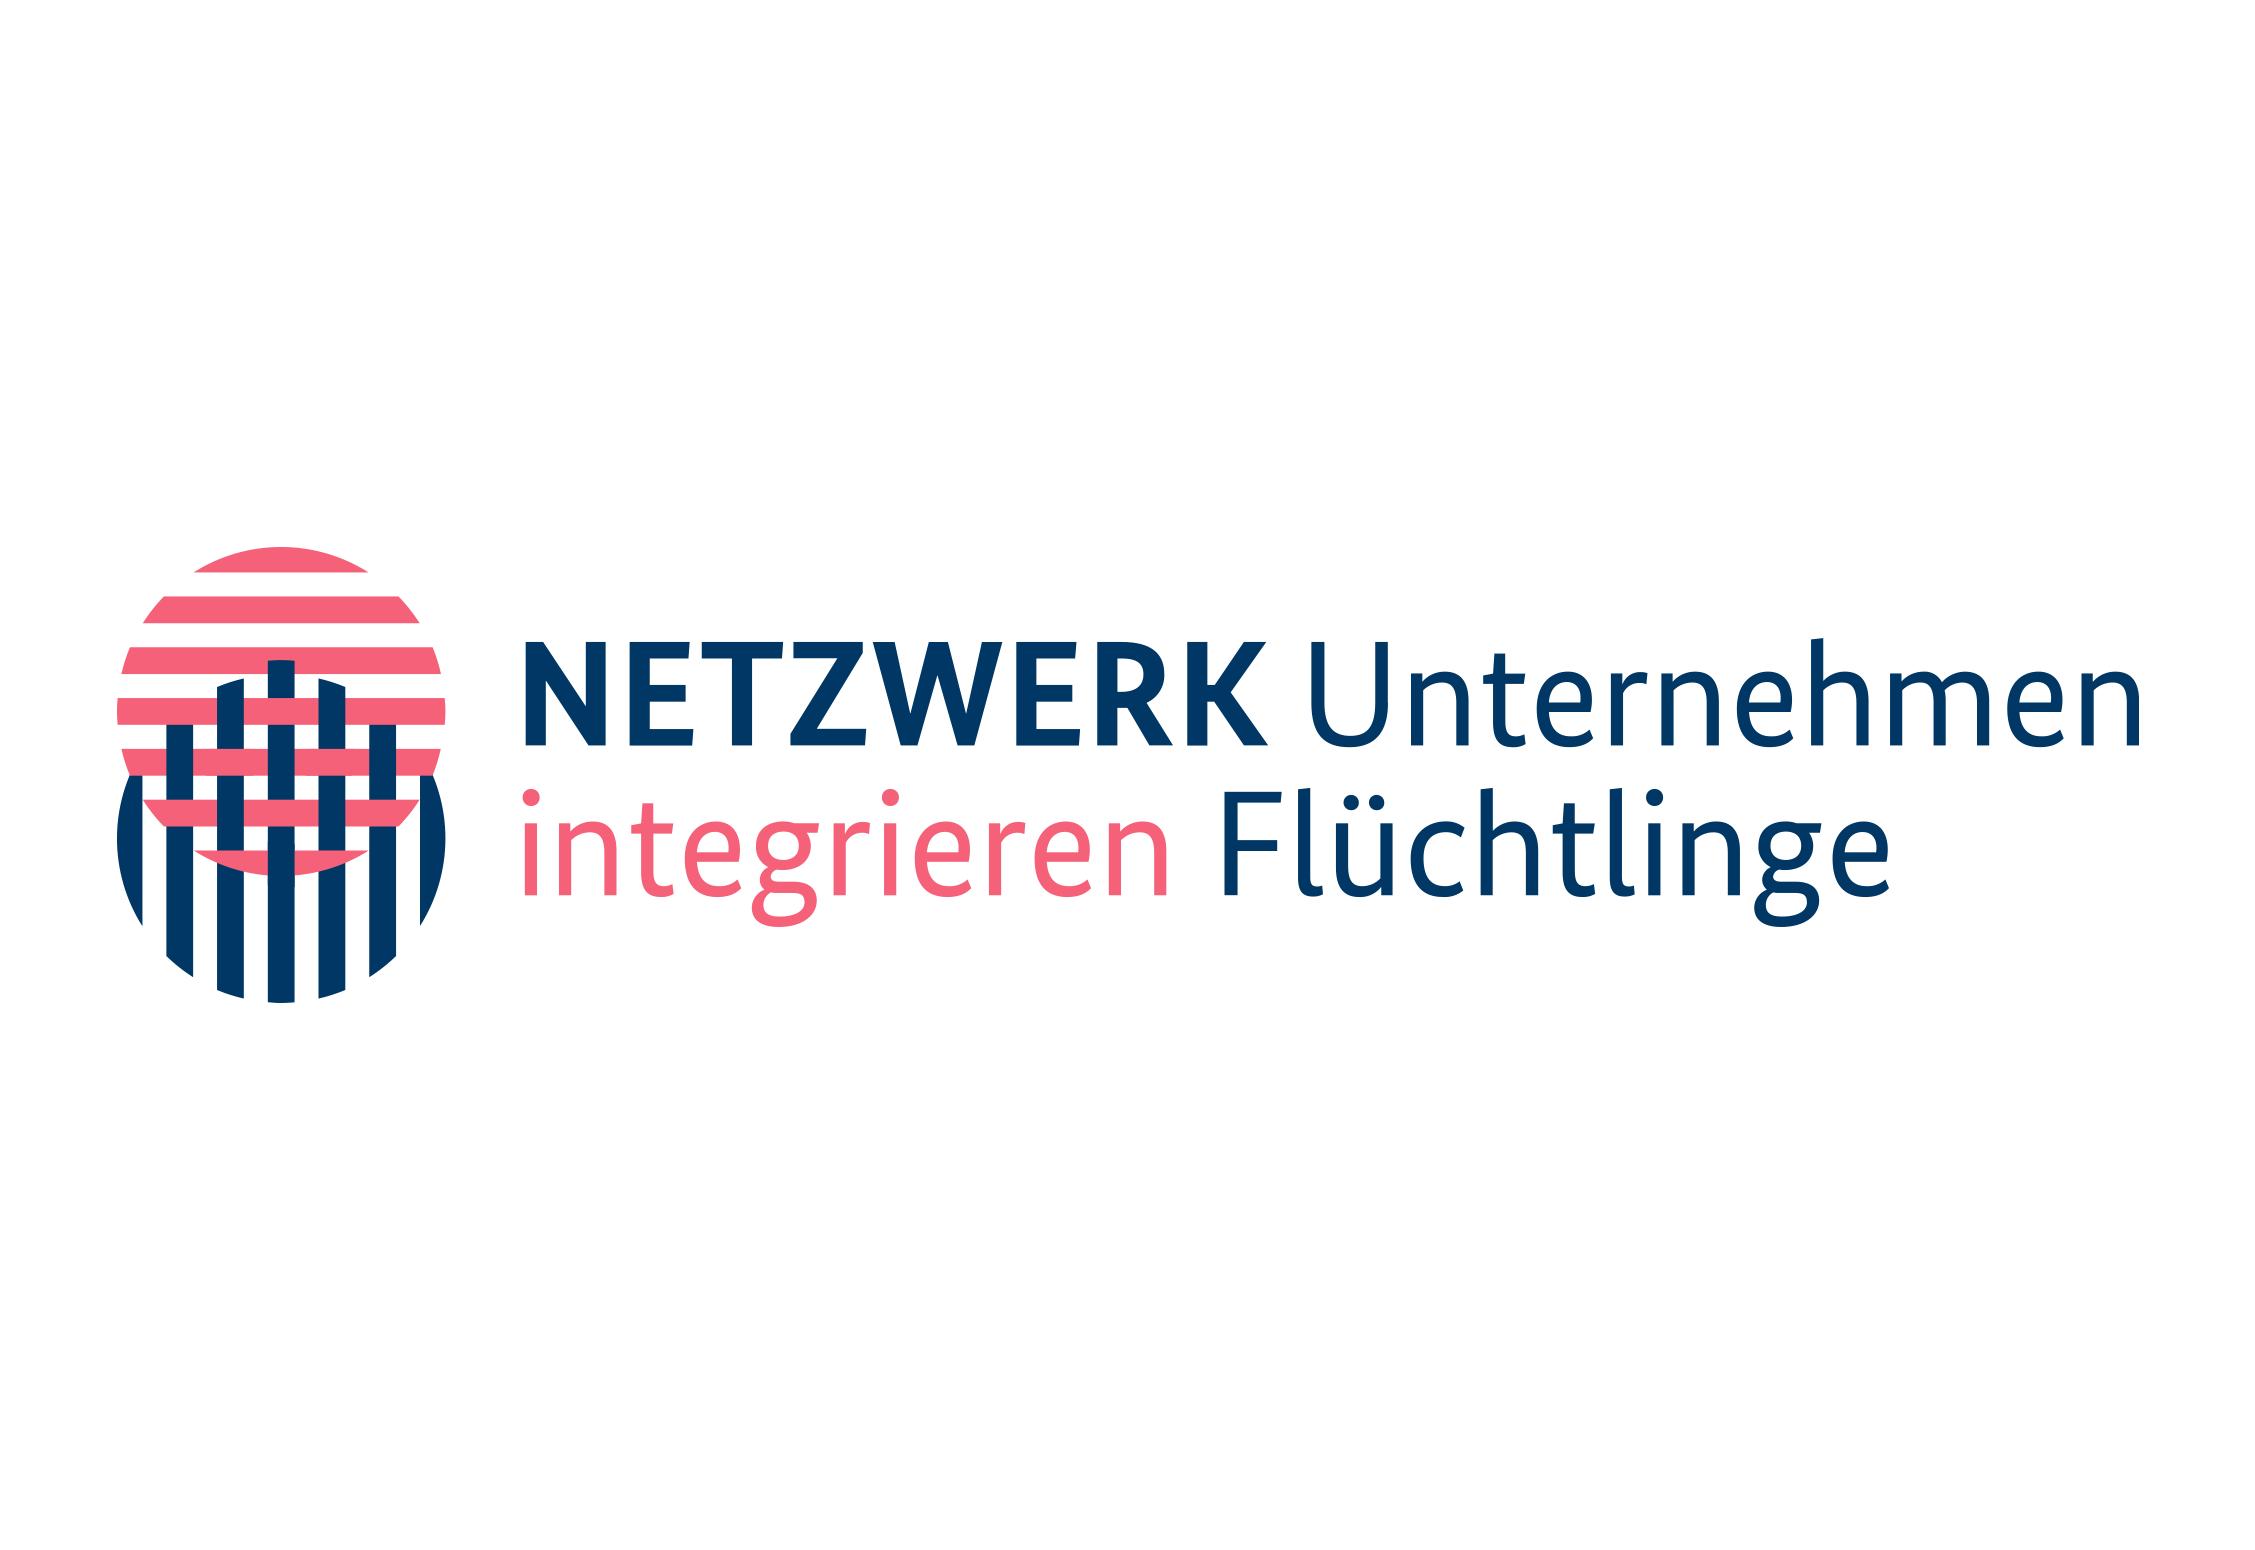 Netzwerk Unternehmen integrieren Flüchtlinge EIDEX Werbemittel